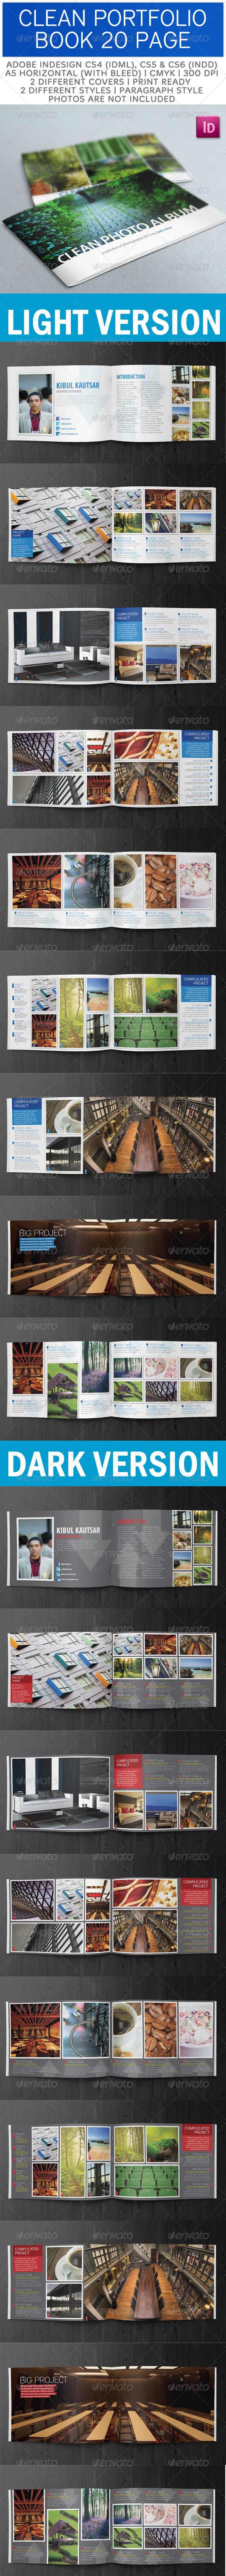 Creative Portfolio Book A5 Horizontal - Portfolio Brochures